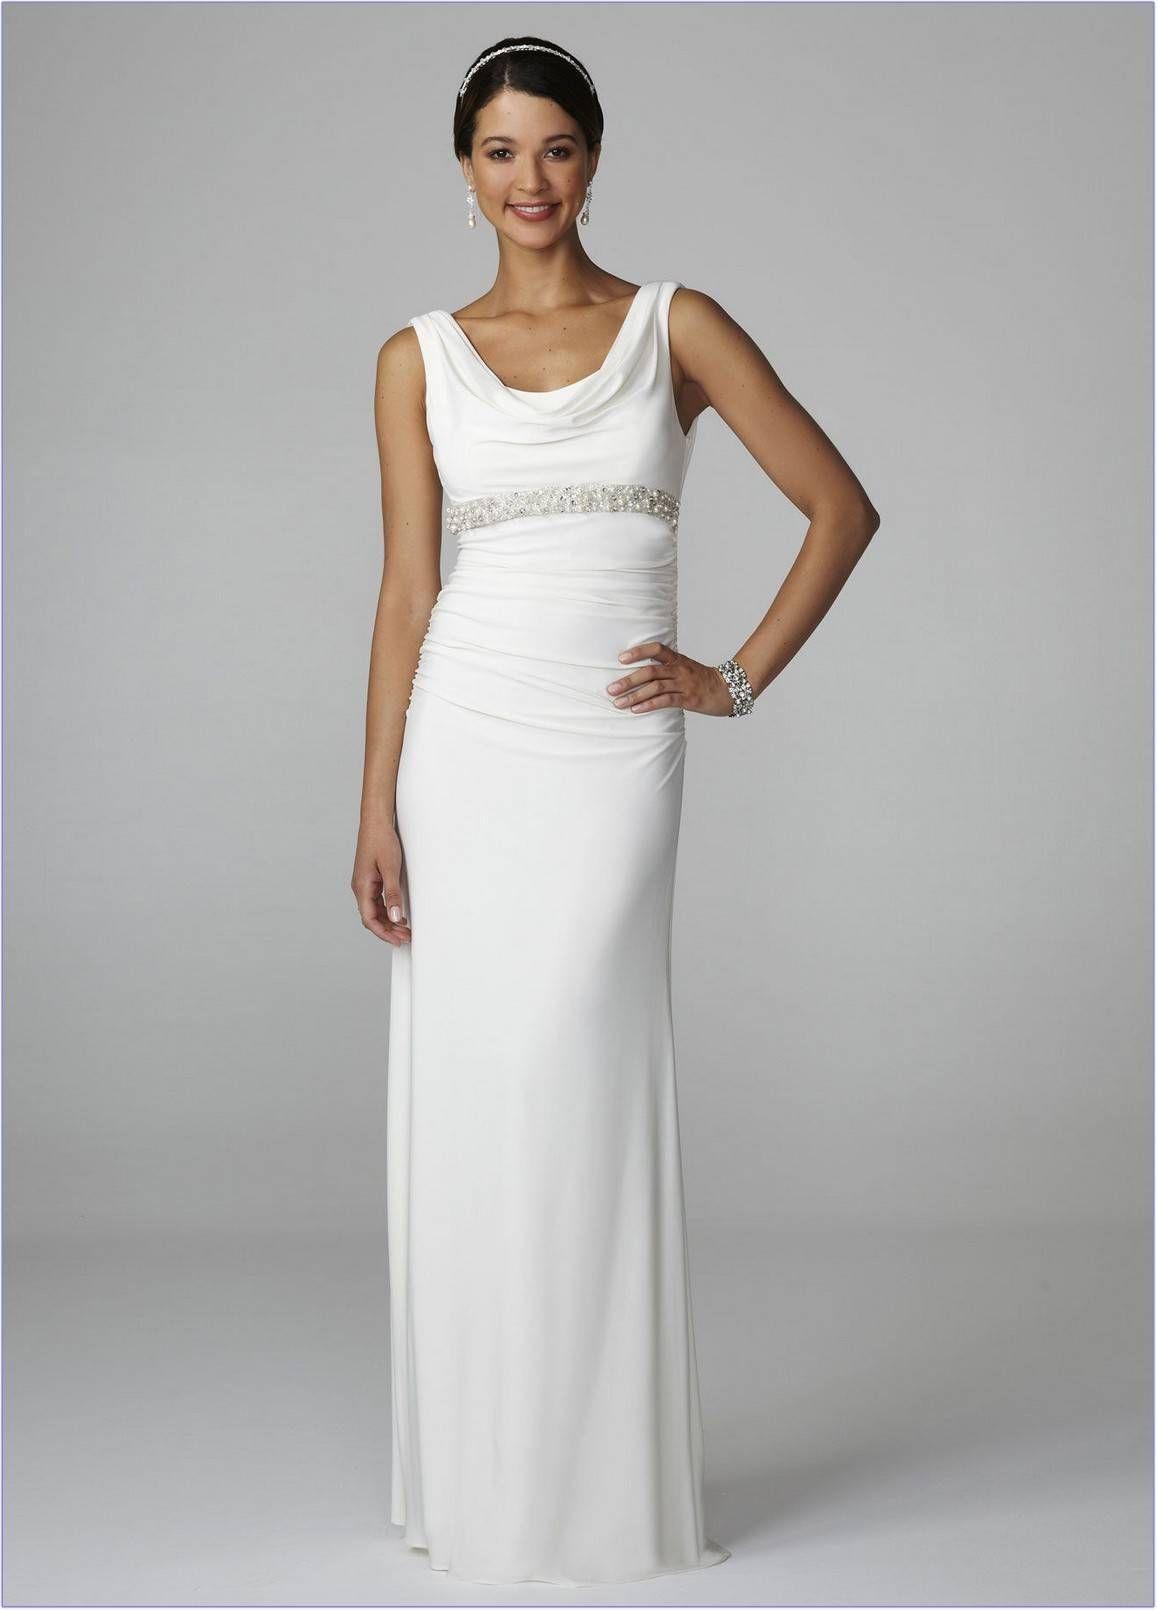 Carolyn kennedy bessette wedding dress  Wedding Latest Fashion of Cowl Neck Wedding Dress for Autumn